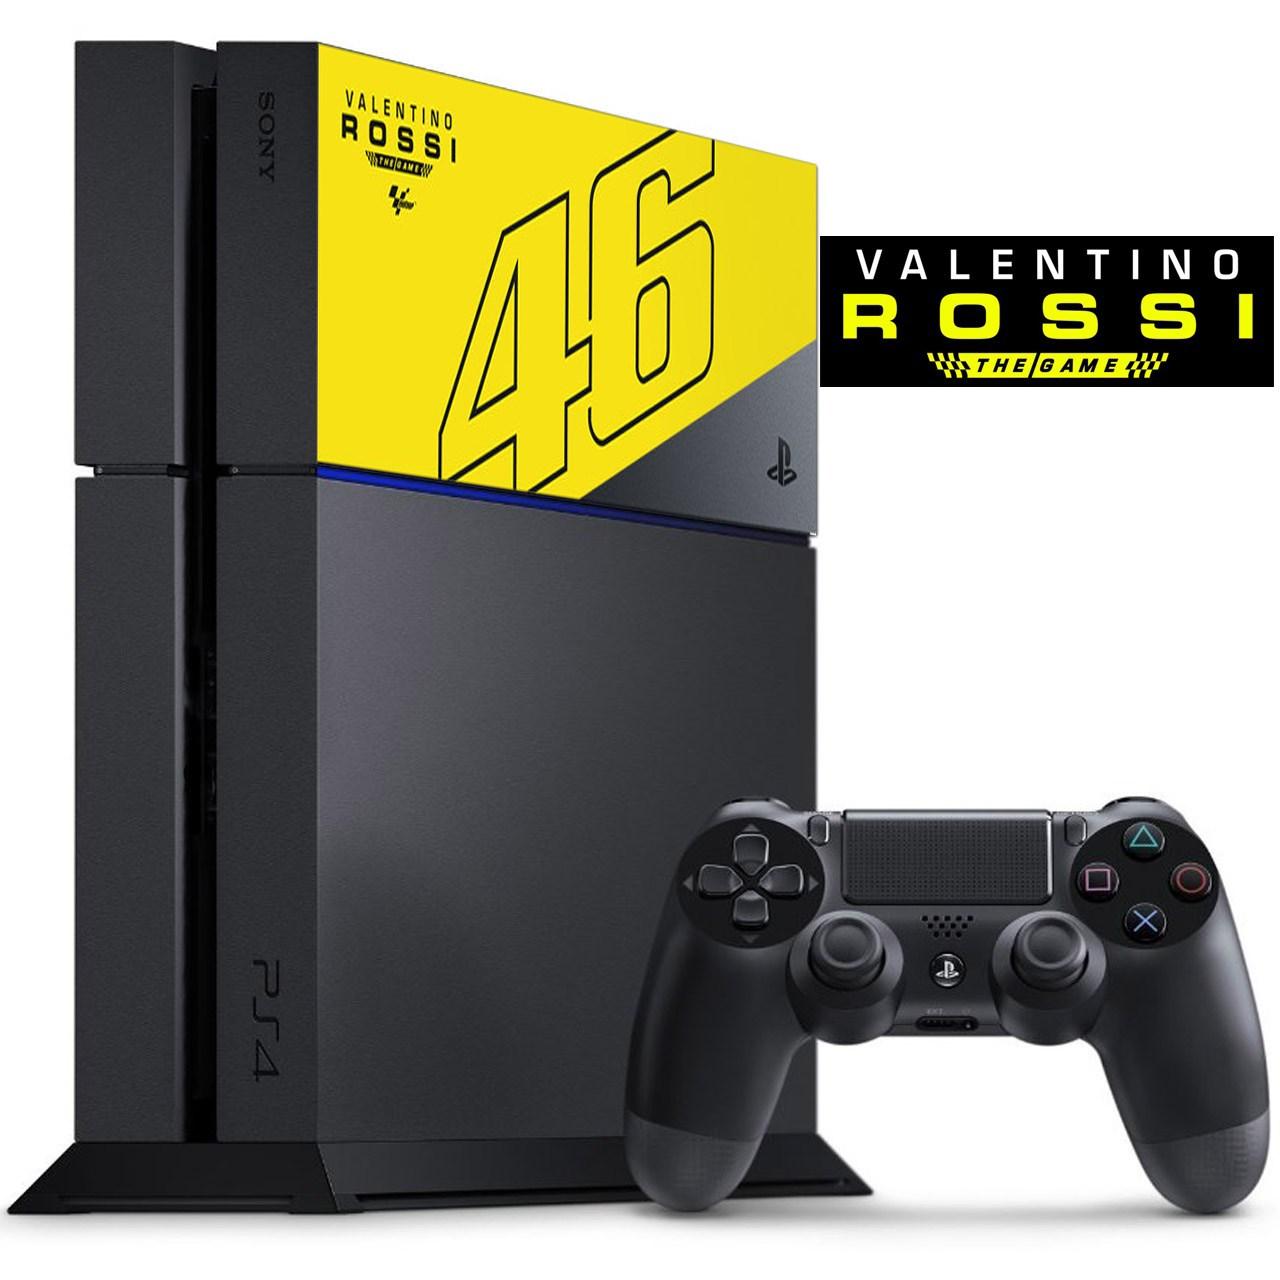 مجموعه کنسول بازی سونی مدل PlayStation 4 کد CUH-1216B ریجن 2 - 1 ترابایت